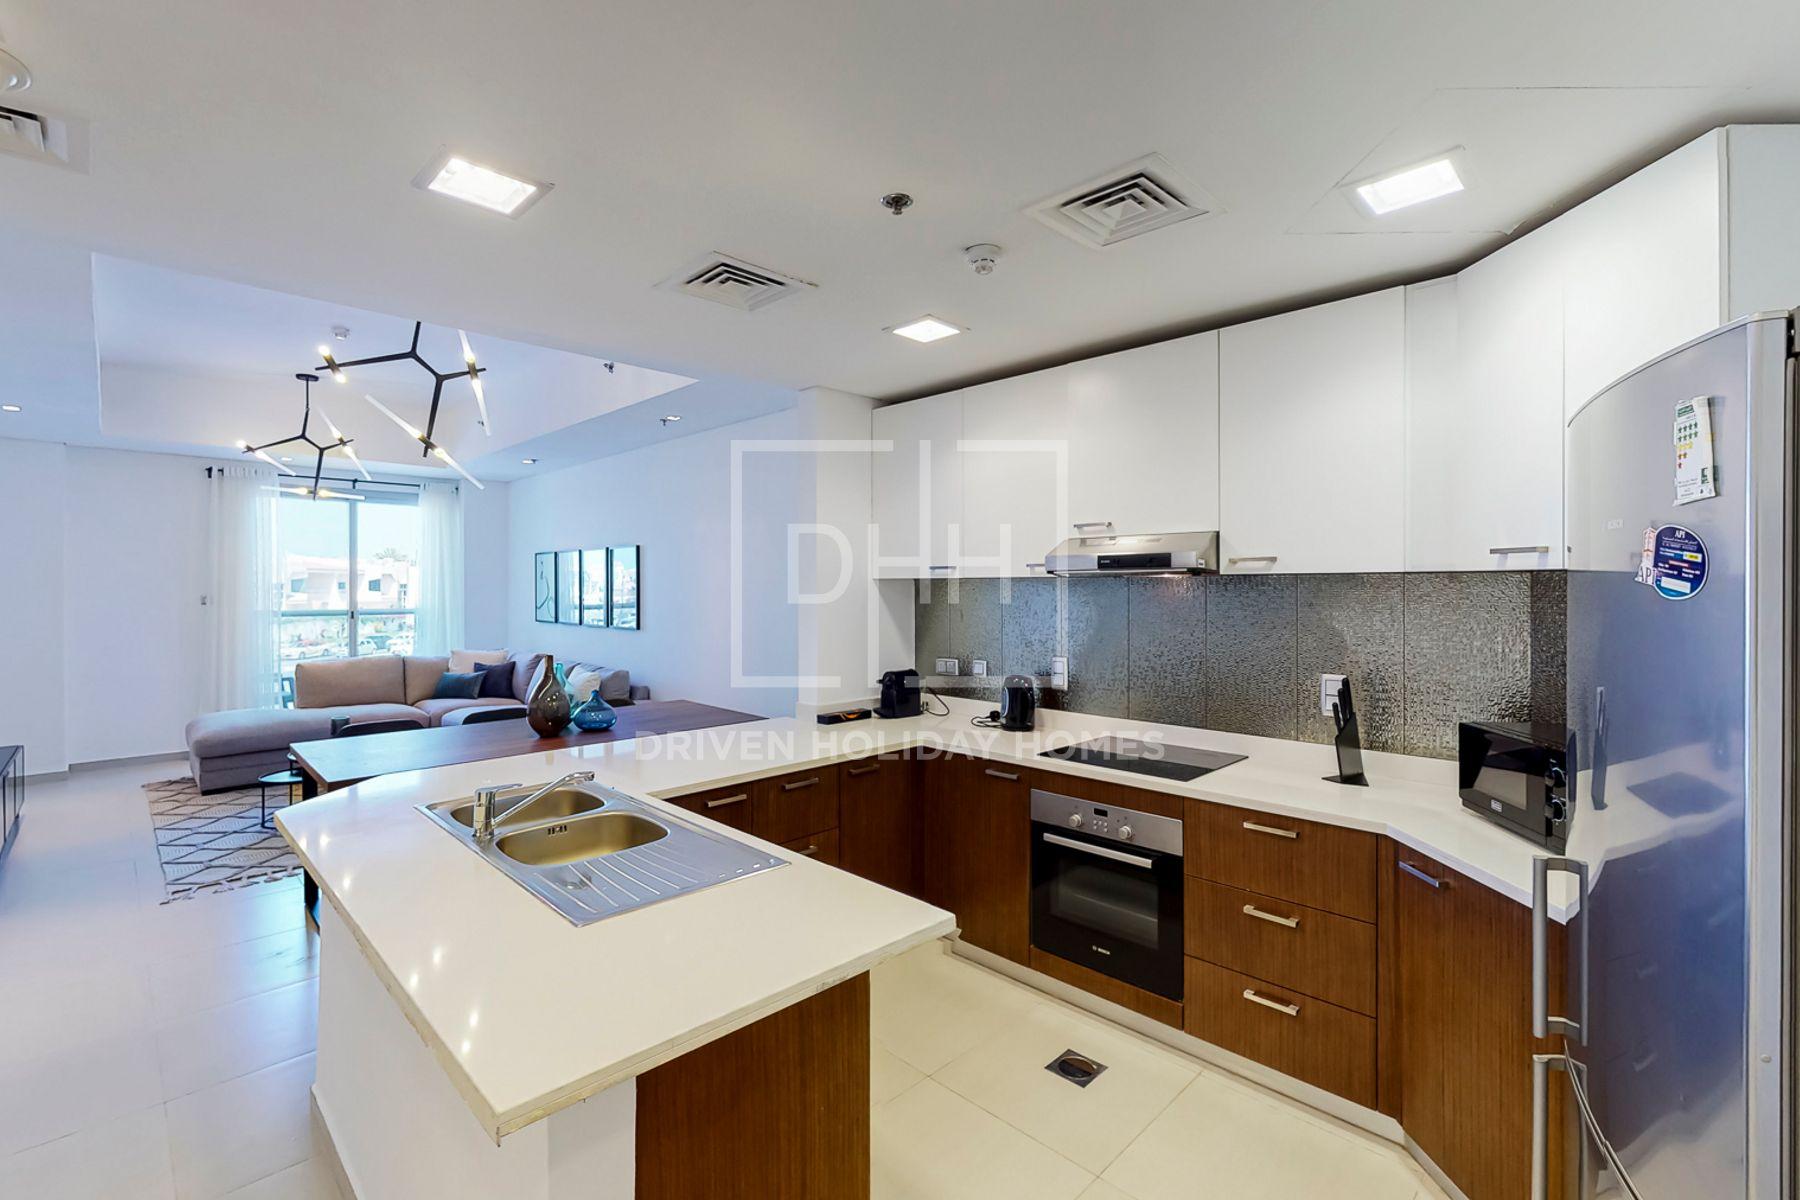 Apartment for Rent in Al Wasl Road - Al Wasl